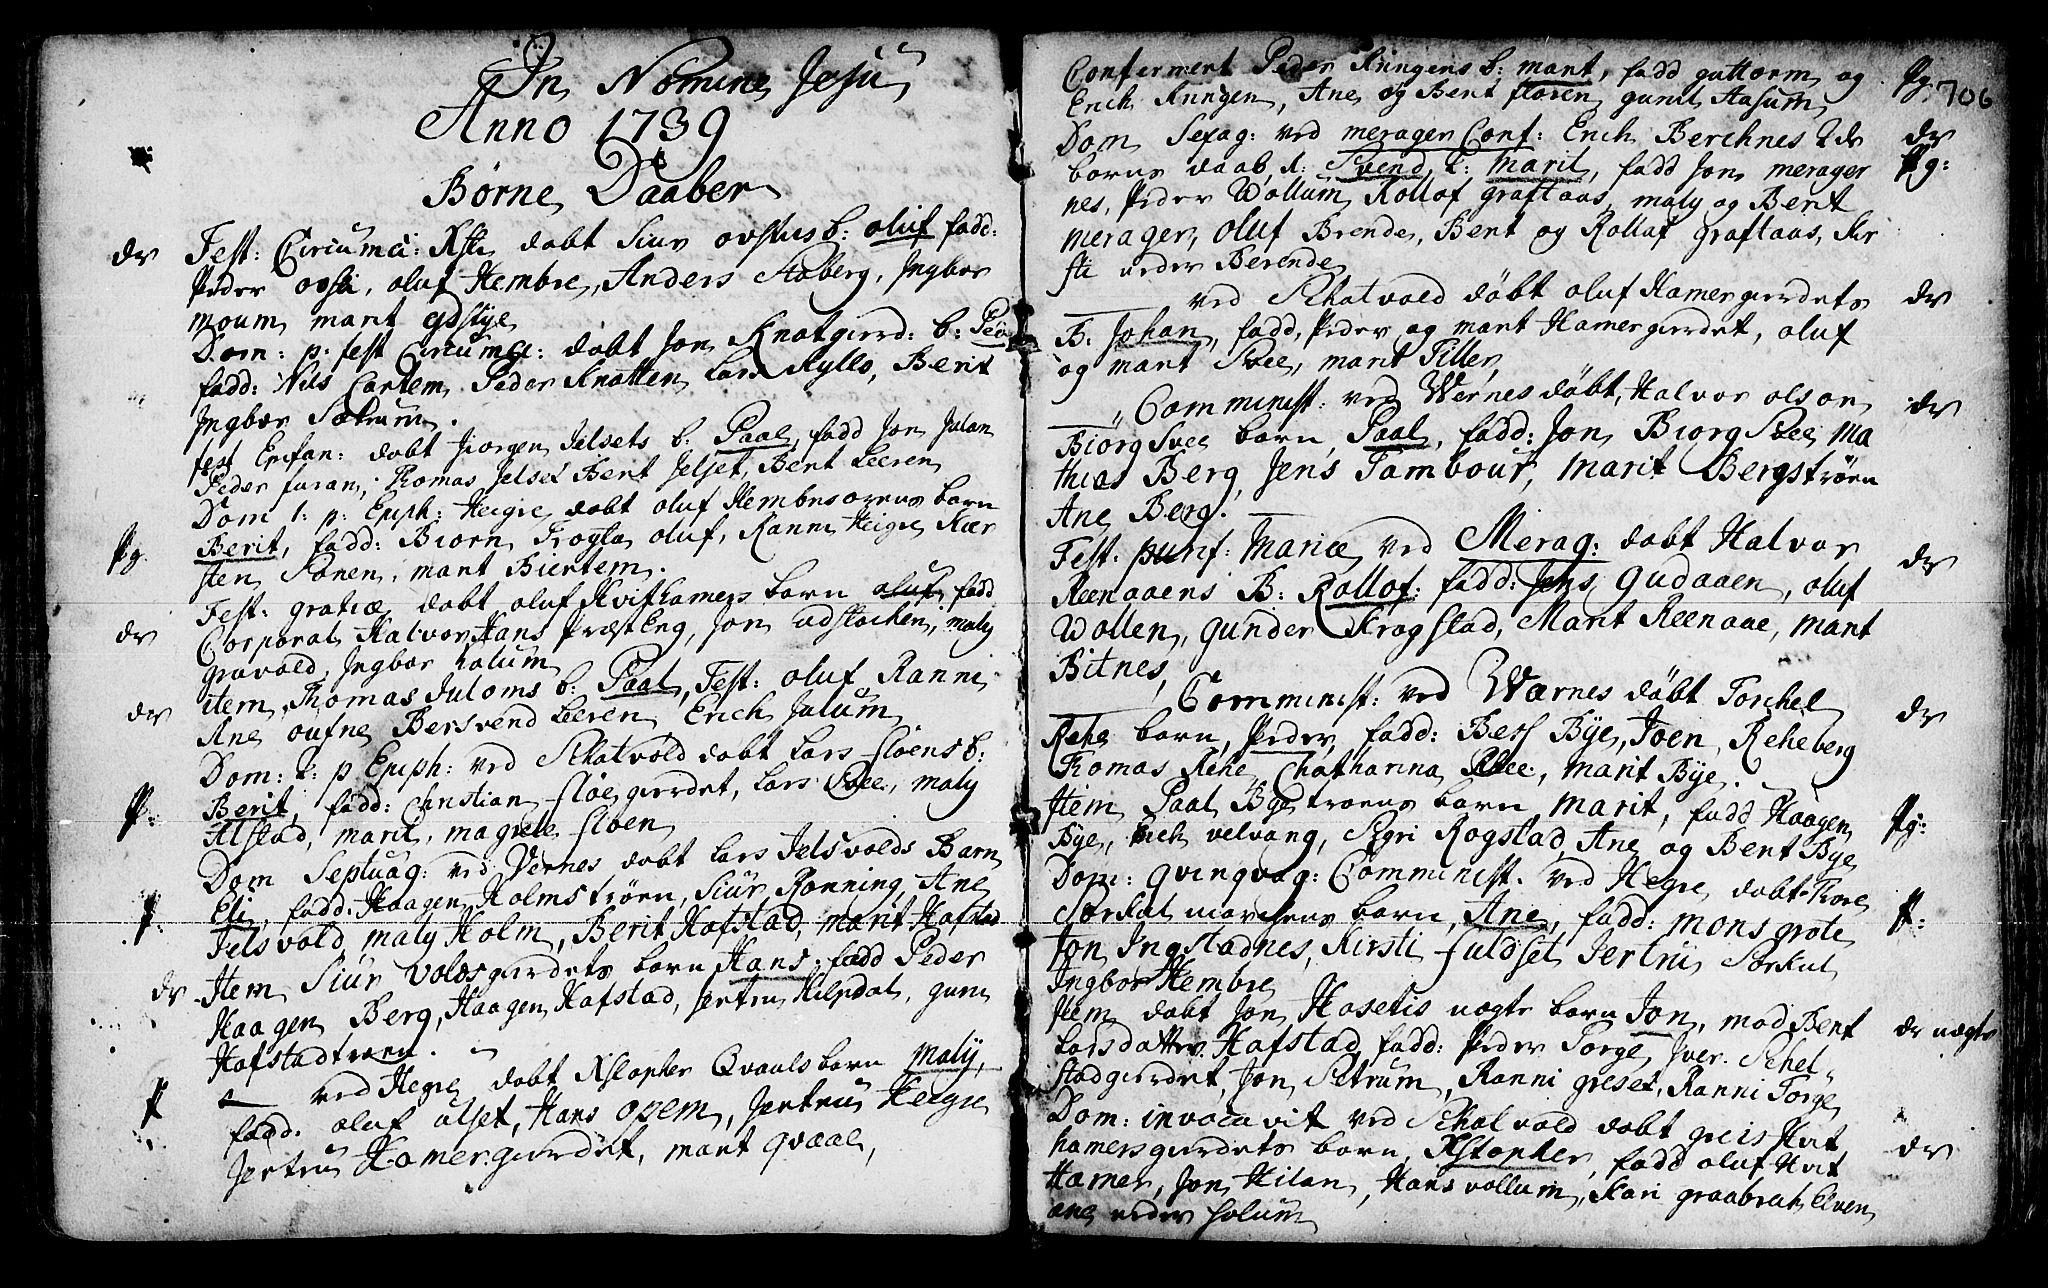 SAT, Ministerialprotokoller, klokkerbøker og fødselsregistre - Nord-Trøndelag, 709/L0055: Ministerialbok nr. 709A03, 1730-1739, s. 705-706